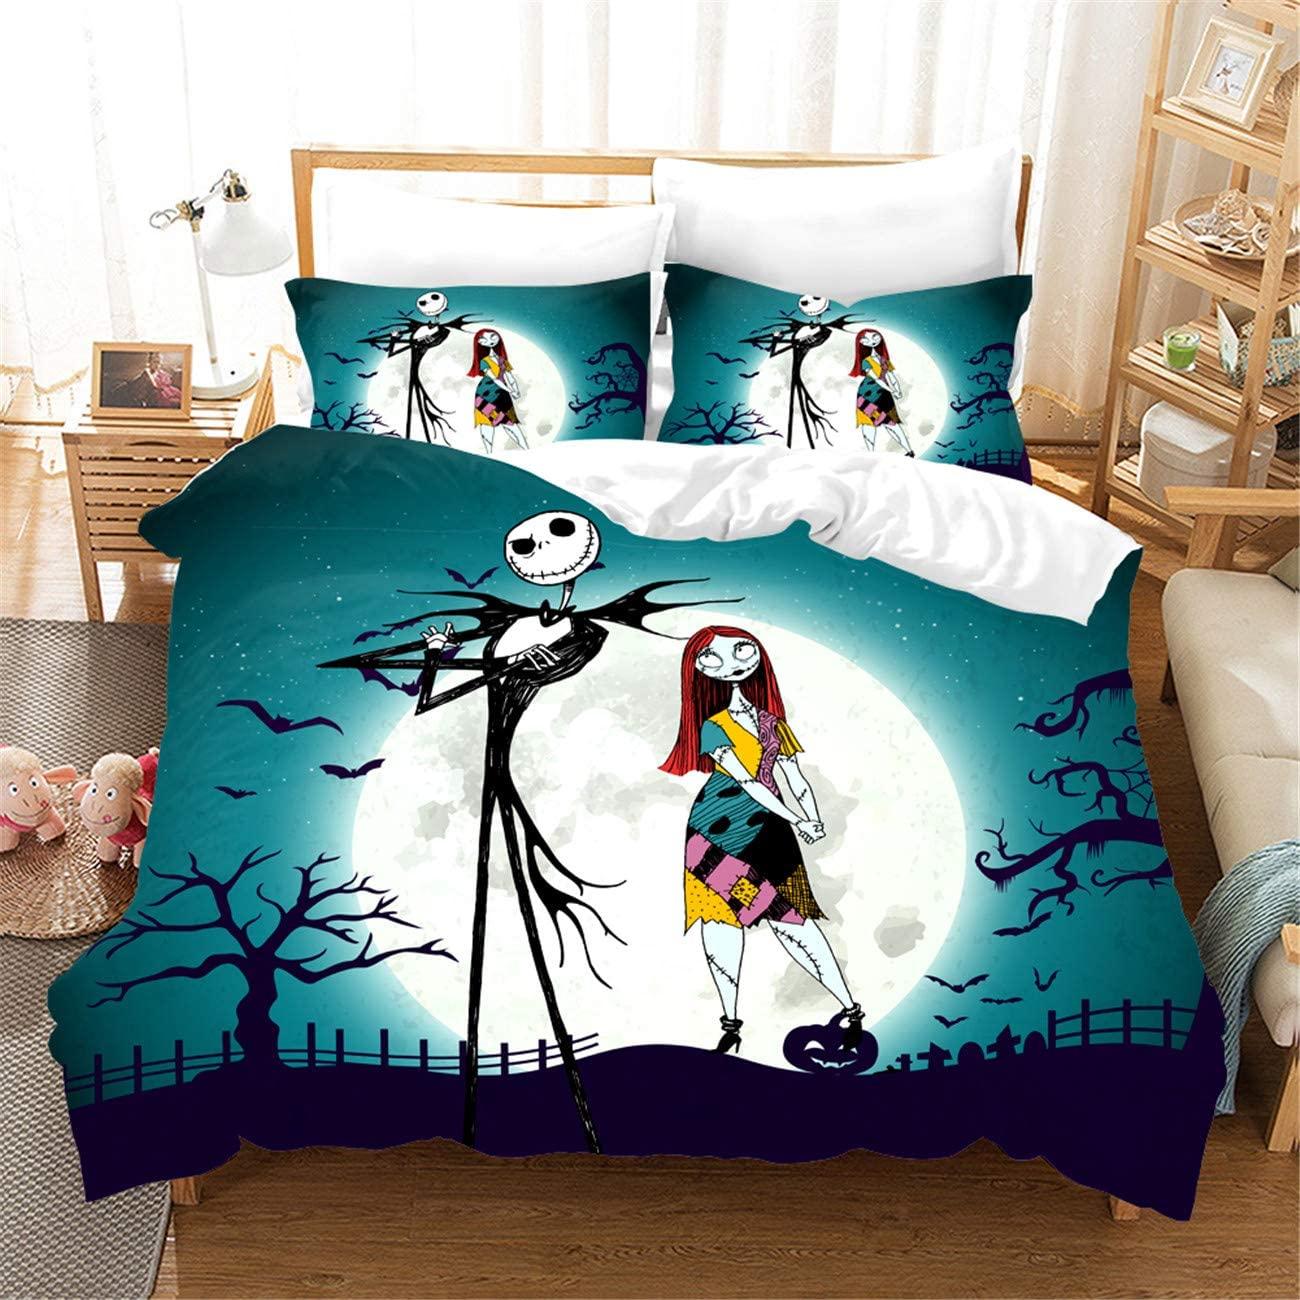 HMT NF Nightmare Before Christmas Jack and Sally Plum Cartoon Skull Bedding Duvet Cover Set King Size 1 Duvet Cover+2Pillowcases